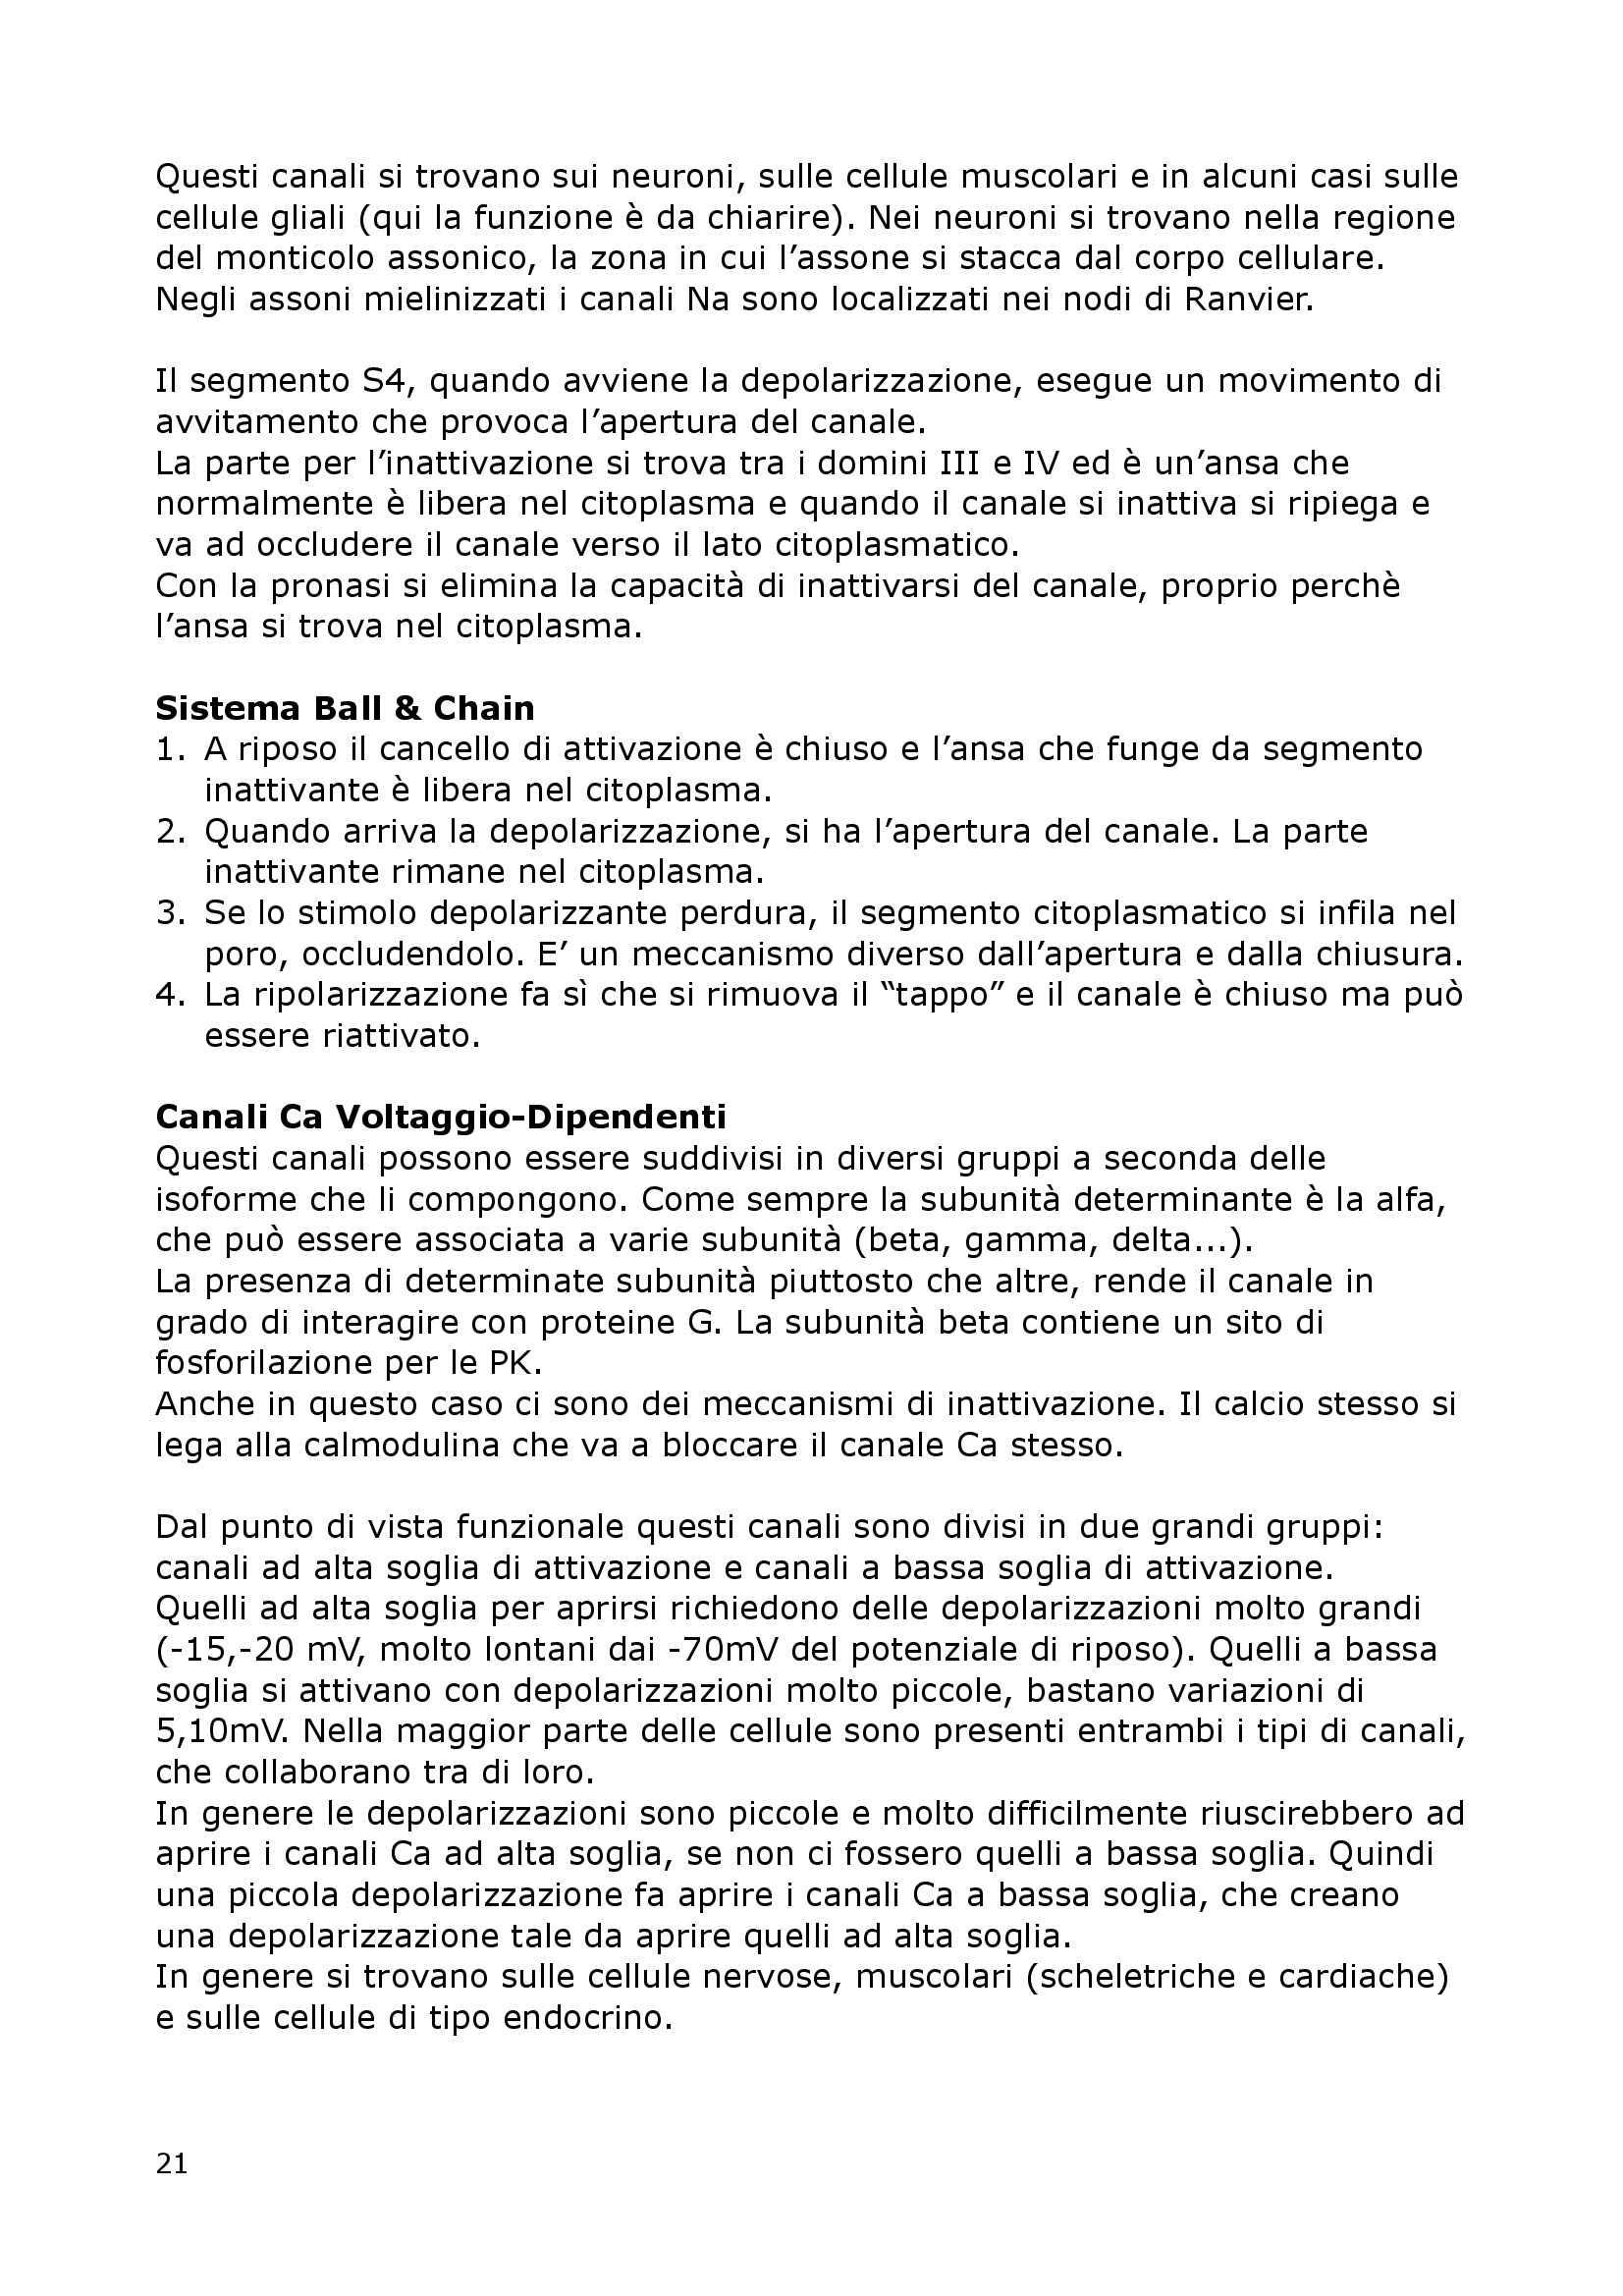 Fisiologia Del Neurone E Della Sinapsi - Fisiologia I Pag. 21